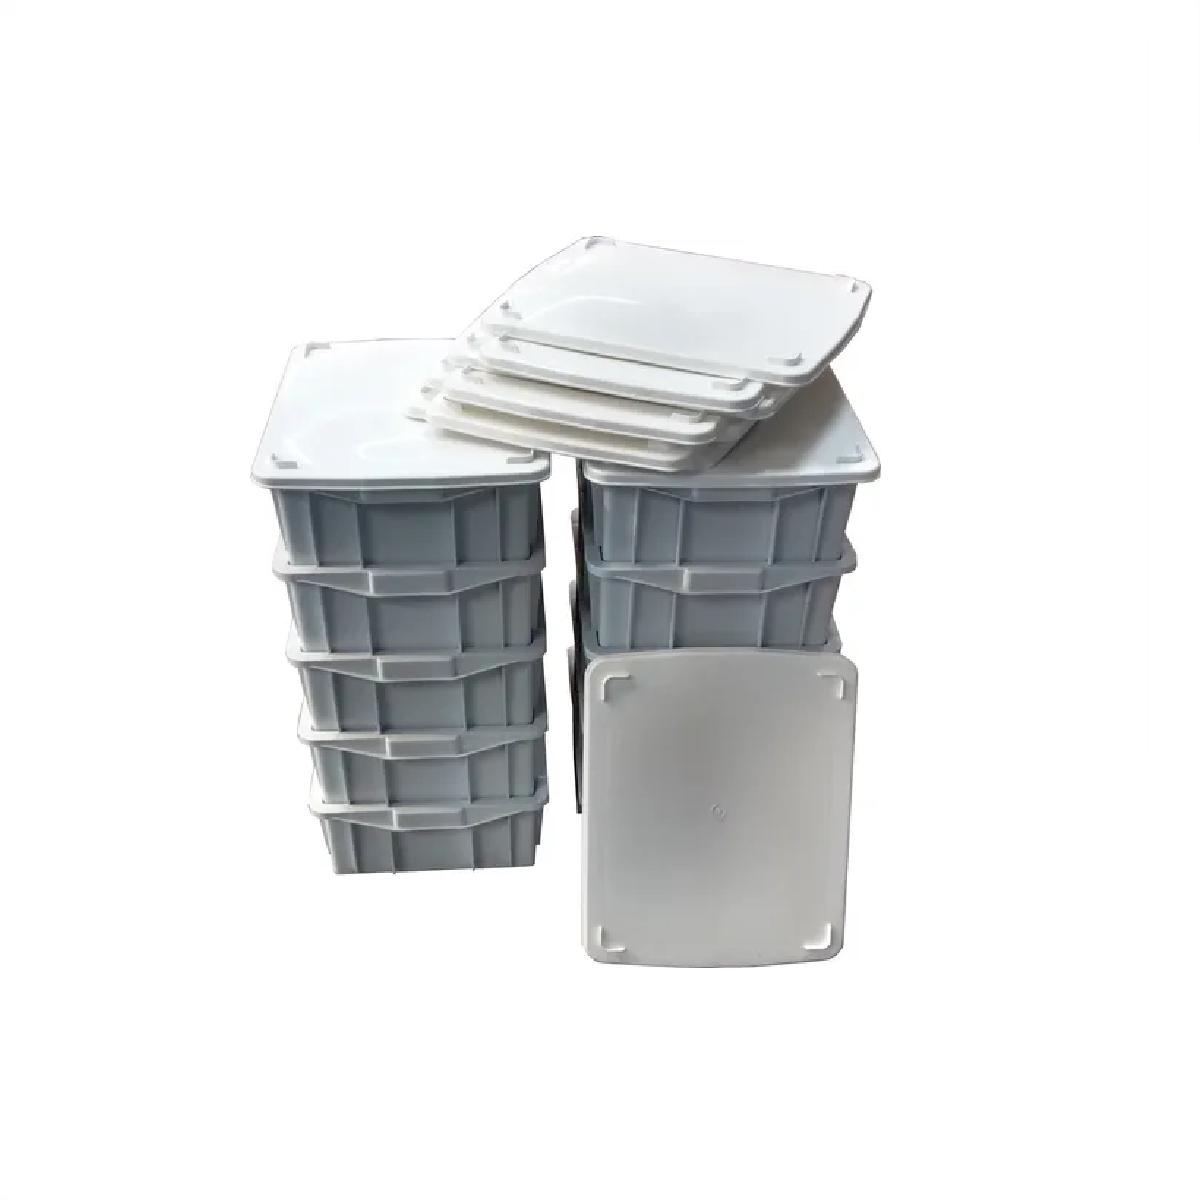 Caixa Plastica Fechada 15 Litros Com Tampa Branca  - LZ COZINHA